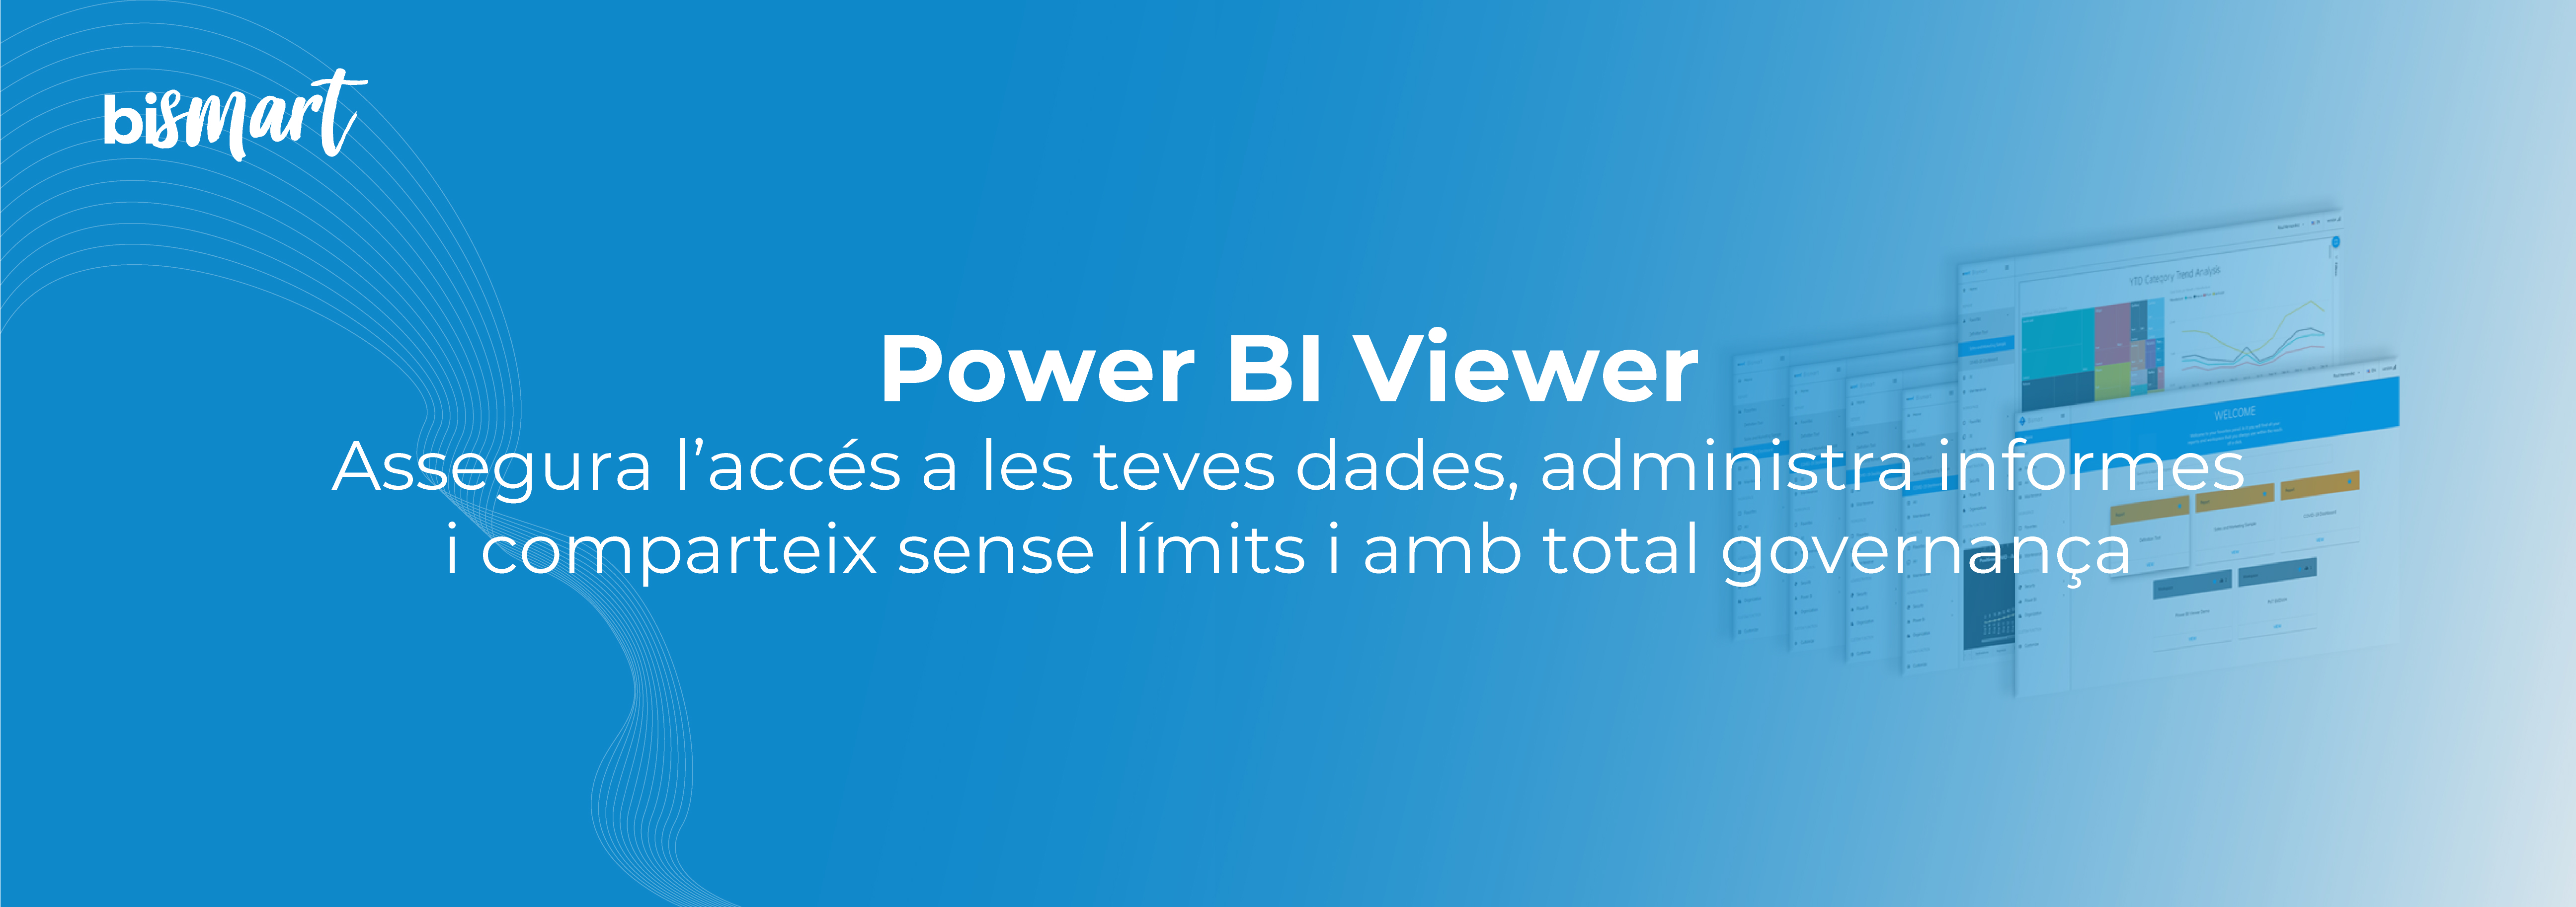 PowerBI-Viewer-Landing-CA-01